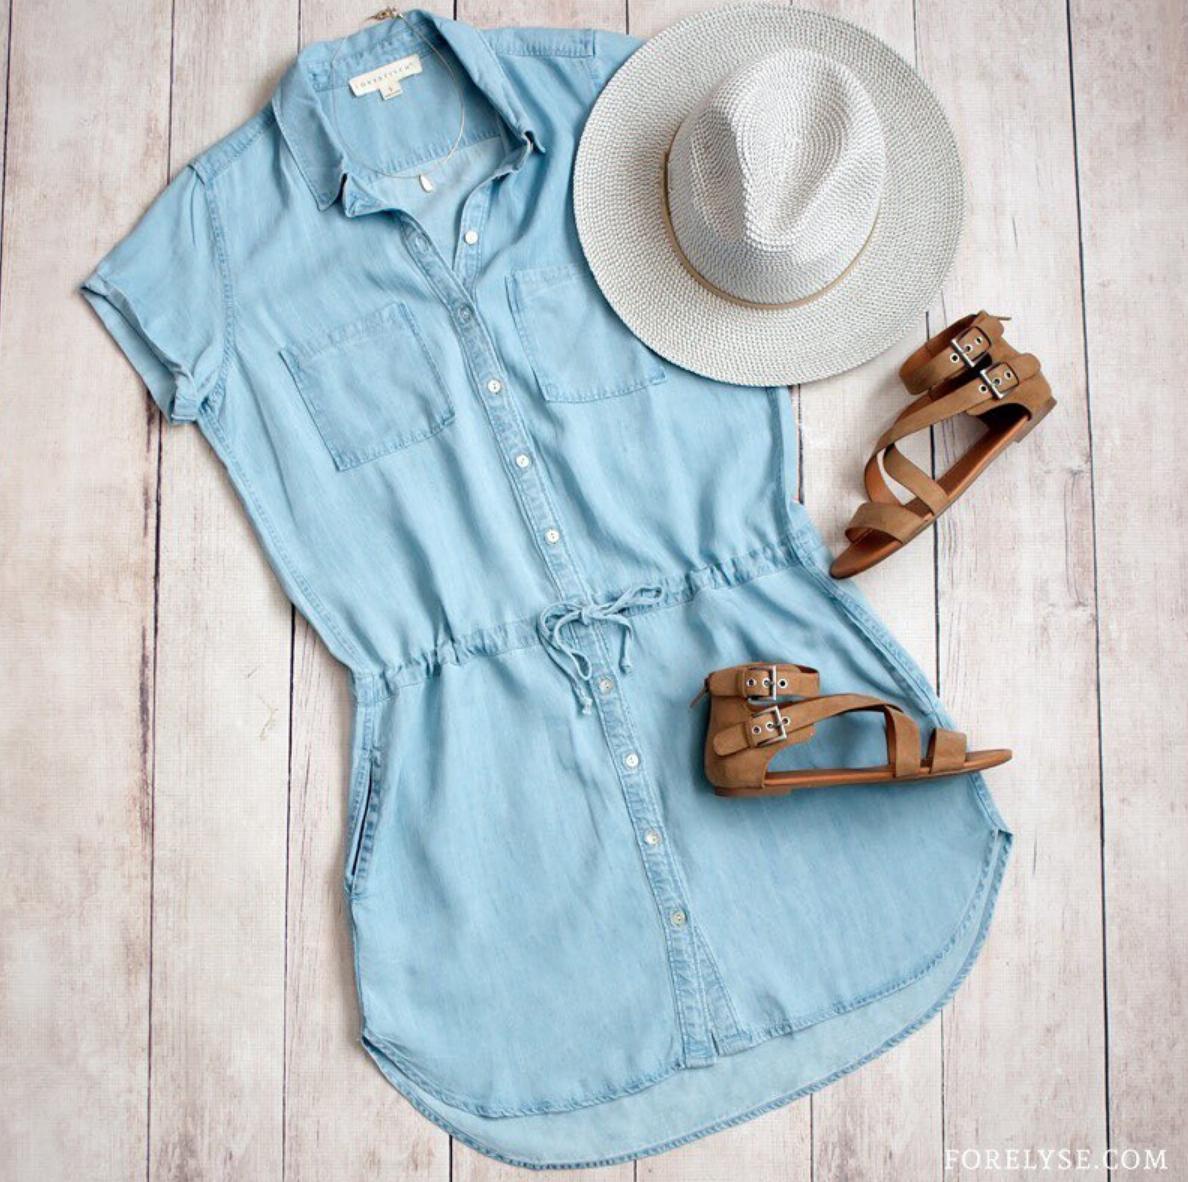 b951571d6b9 Summer Outfit Inspiration